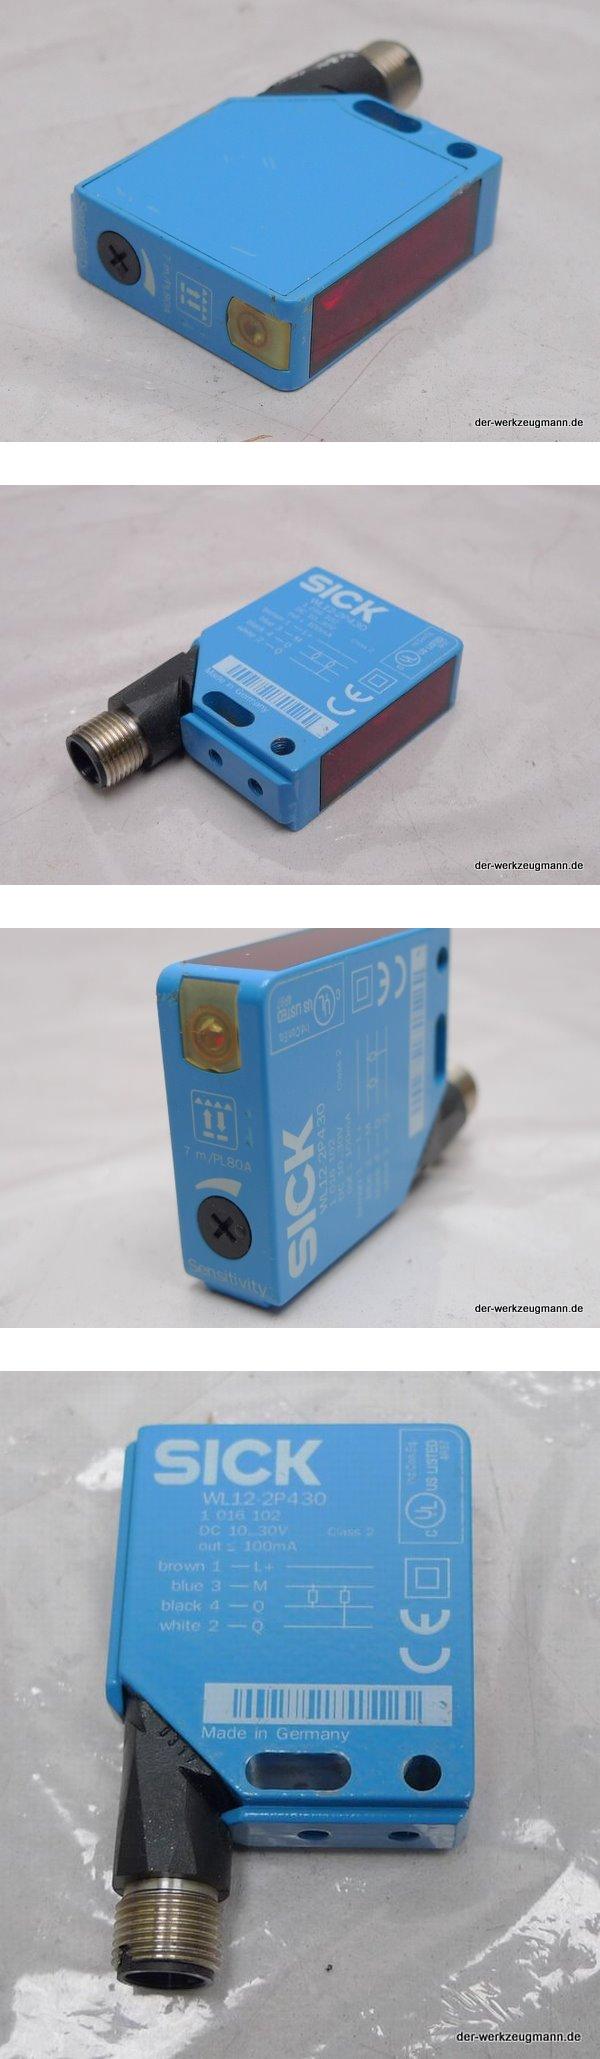 Sick WL12-2P430